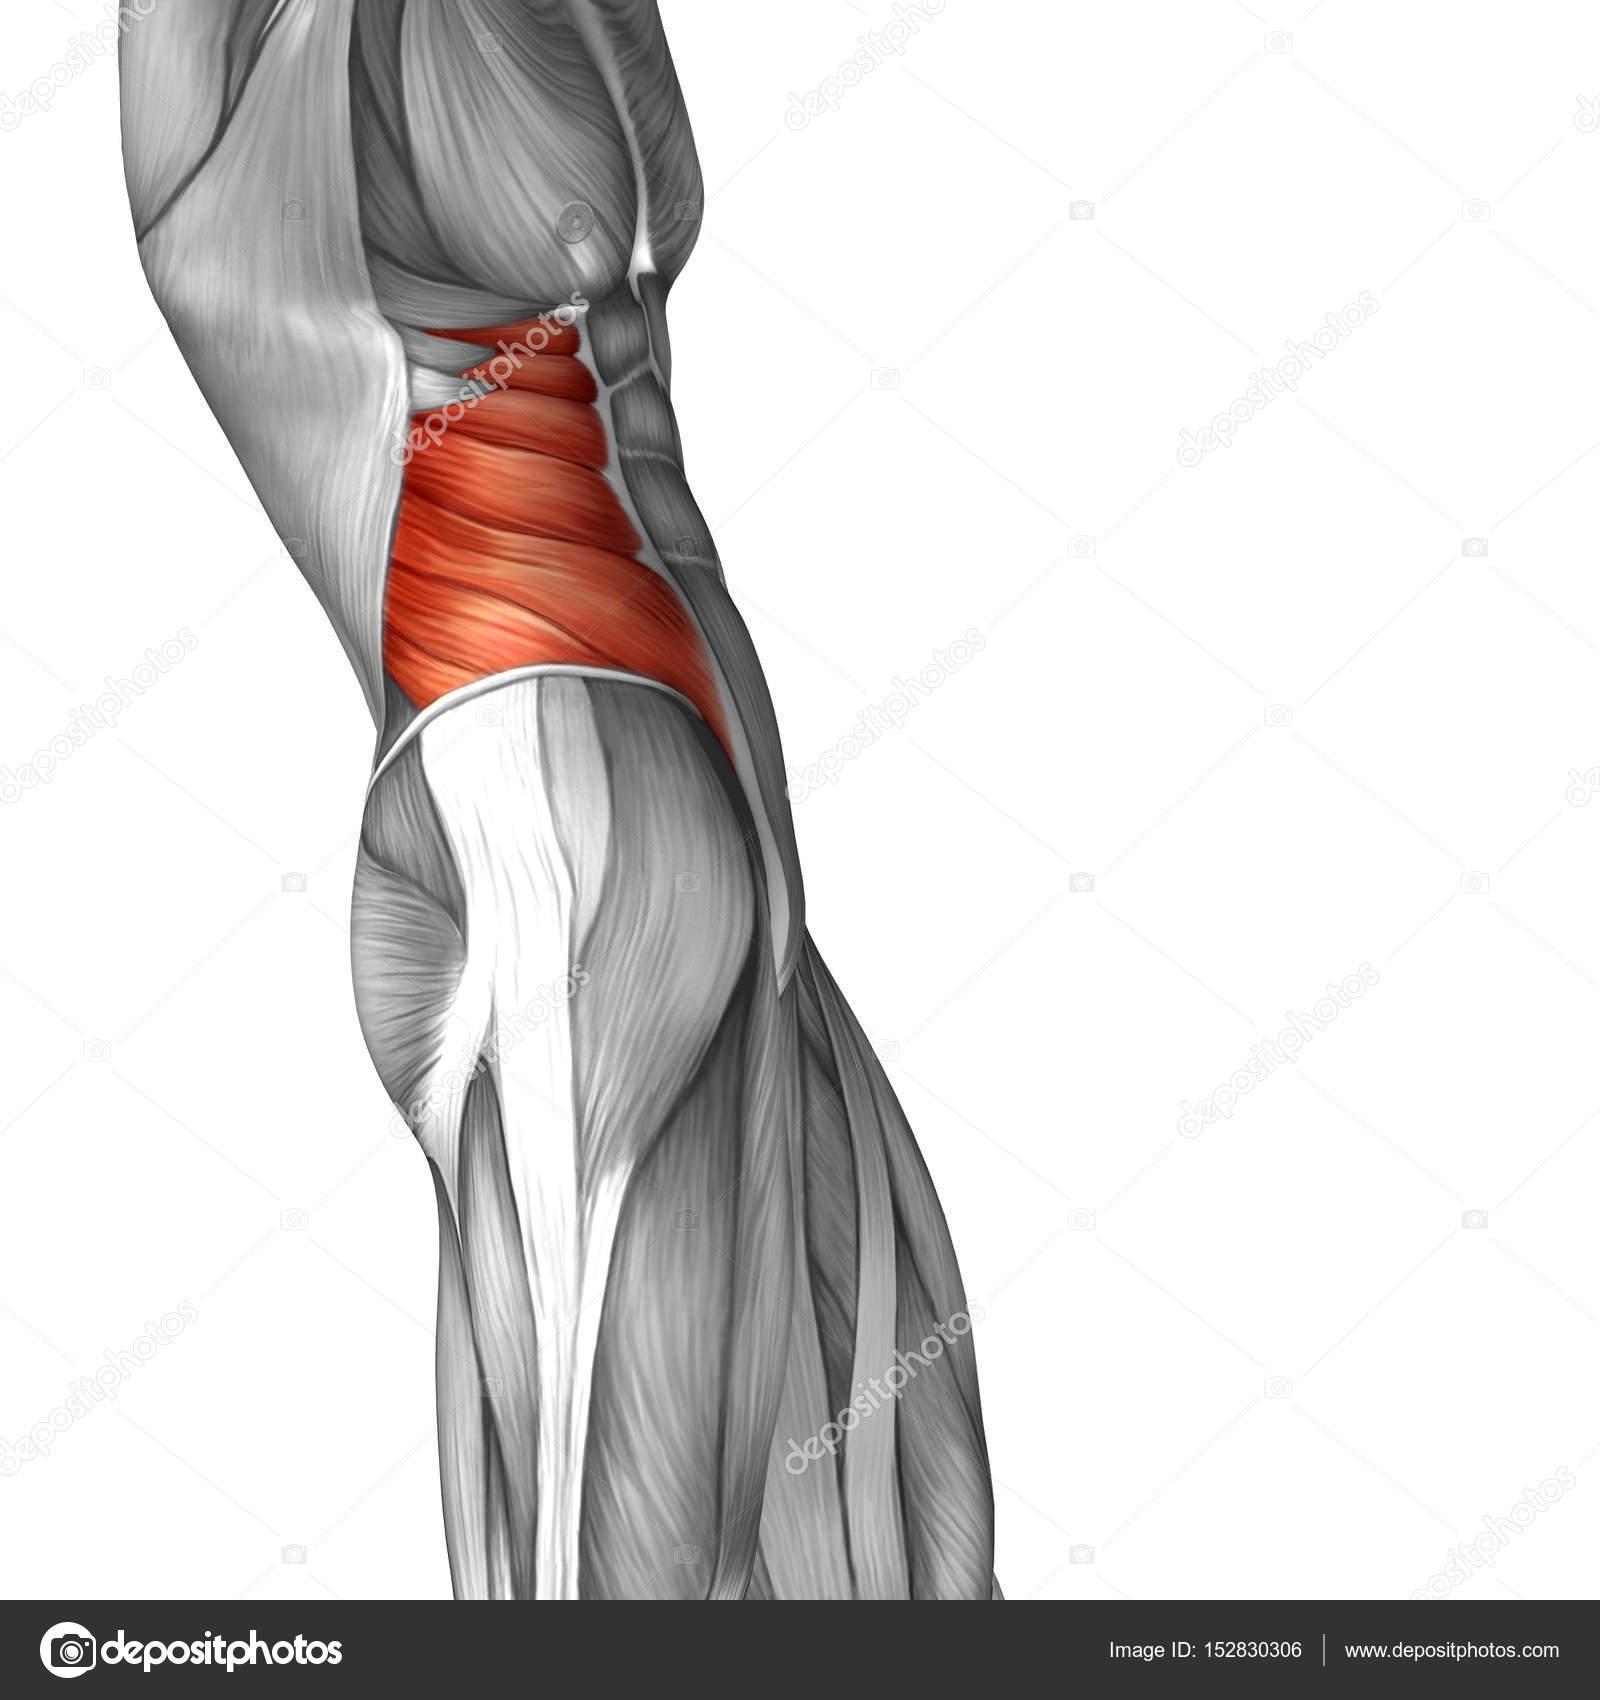 menschliche Bauchfell Anatomie — Stockfoto © design36 #152830306